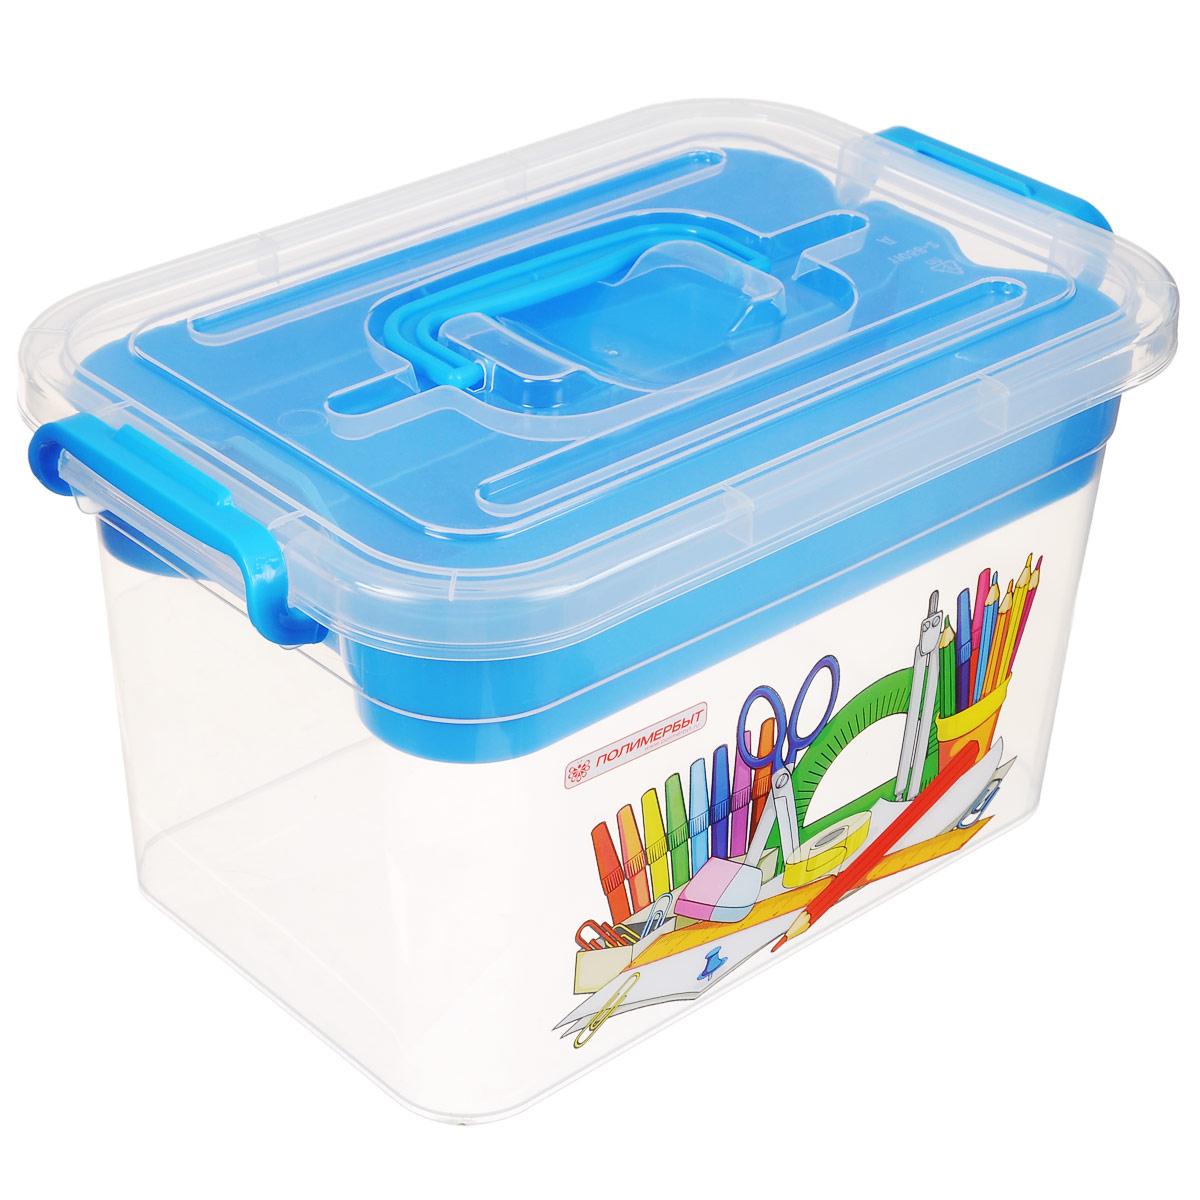 Контейнер Полимербыт Важные мелочи, с вкладышем, цвет: голубой, 6,5 лS03301004Контейнер Полимербыт Важные мелочи выполнен из прозрачного пластика. Для удобства переноски сверху имеется ручка. Внутрь вставляется вкладыш голубого цвета с тремя отделениями. Контейнер плотно закрывается крышкой с защелками. В нем удобно хранить любые мелкие бытовые предметы: канцелярию, принадлежности для шитья и т.д.Контейнер Полимербыт Важные мелочи очень вместителен и поможет вам хранить все мелочи в одном месте.